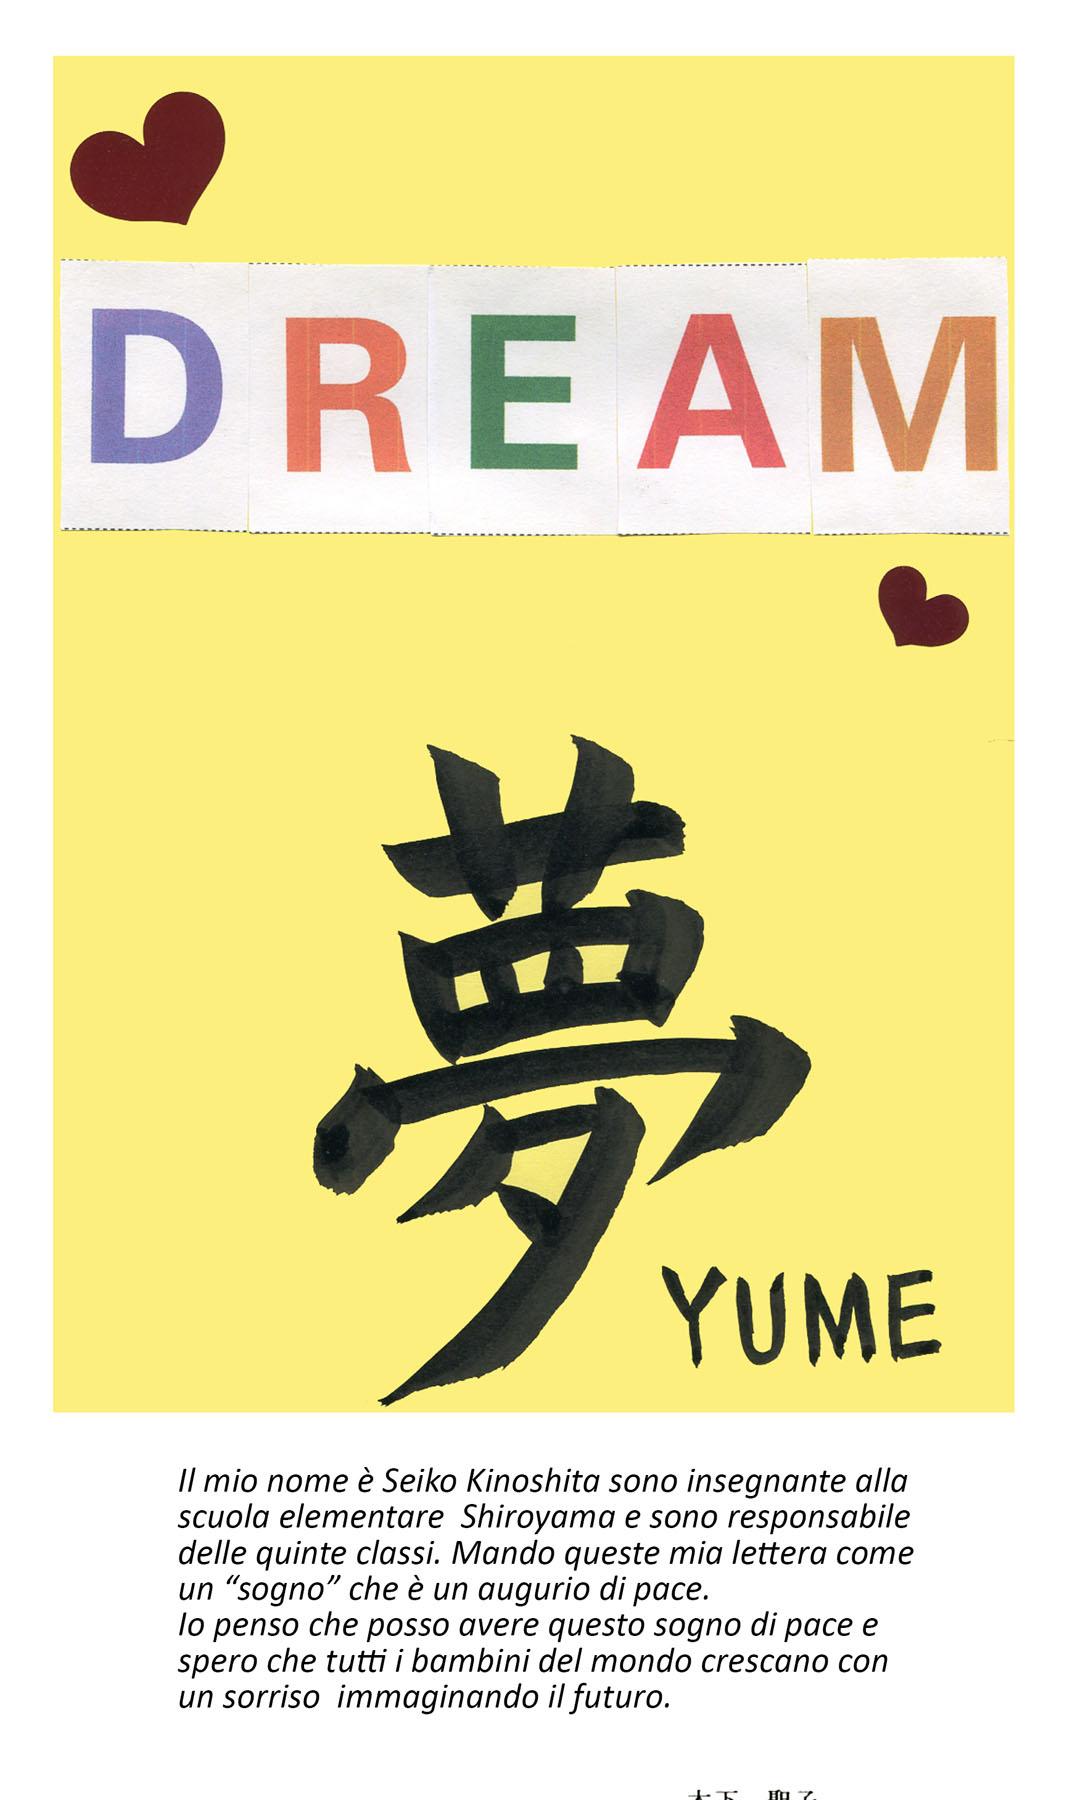 la lettera della maestra Yume scuola di Shiroyama Nagasaki ai bambini italiani